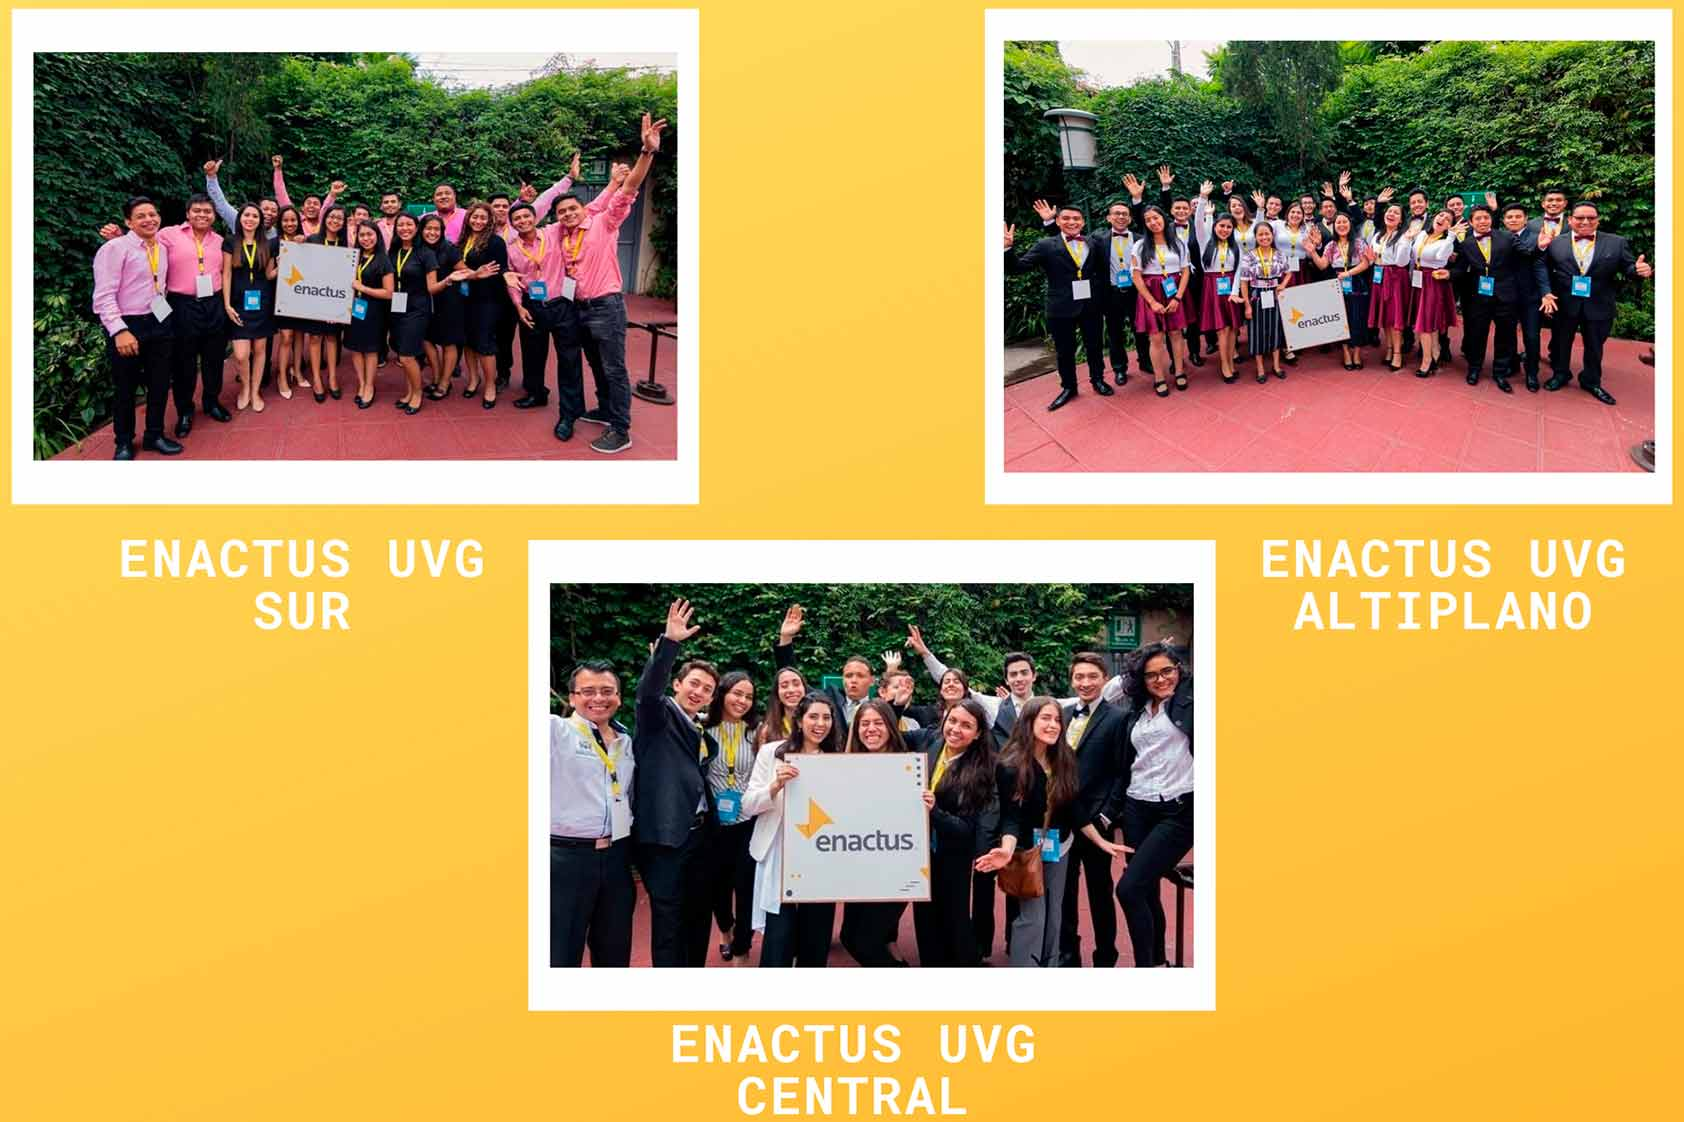 ¡Nuestros tres campus están listos para la Competencia Nacional de Enactus!